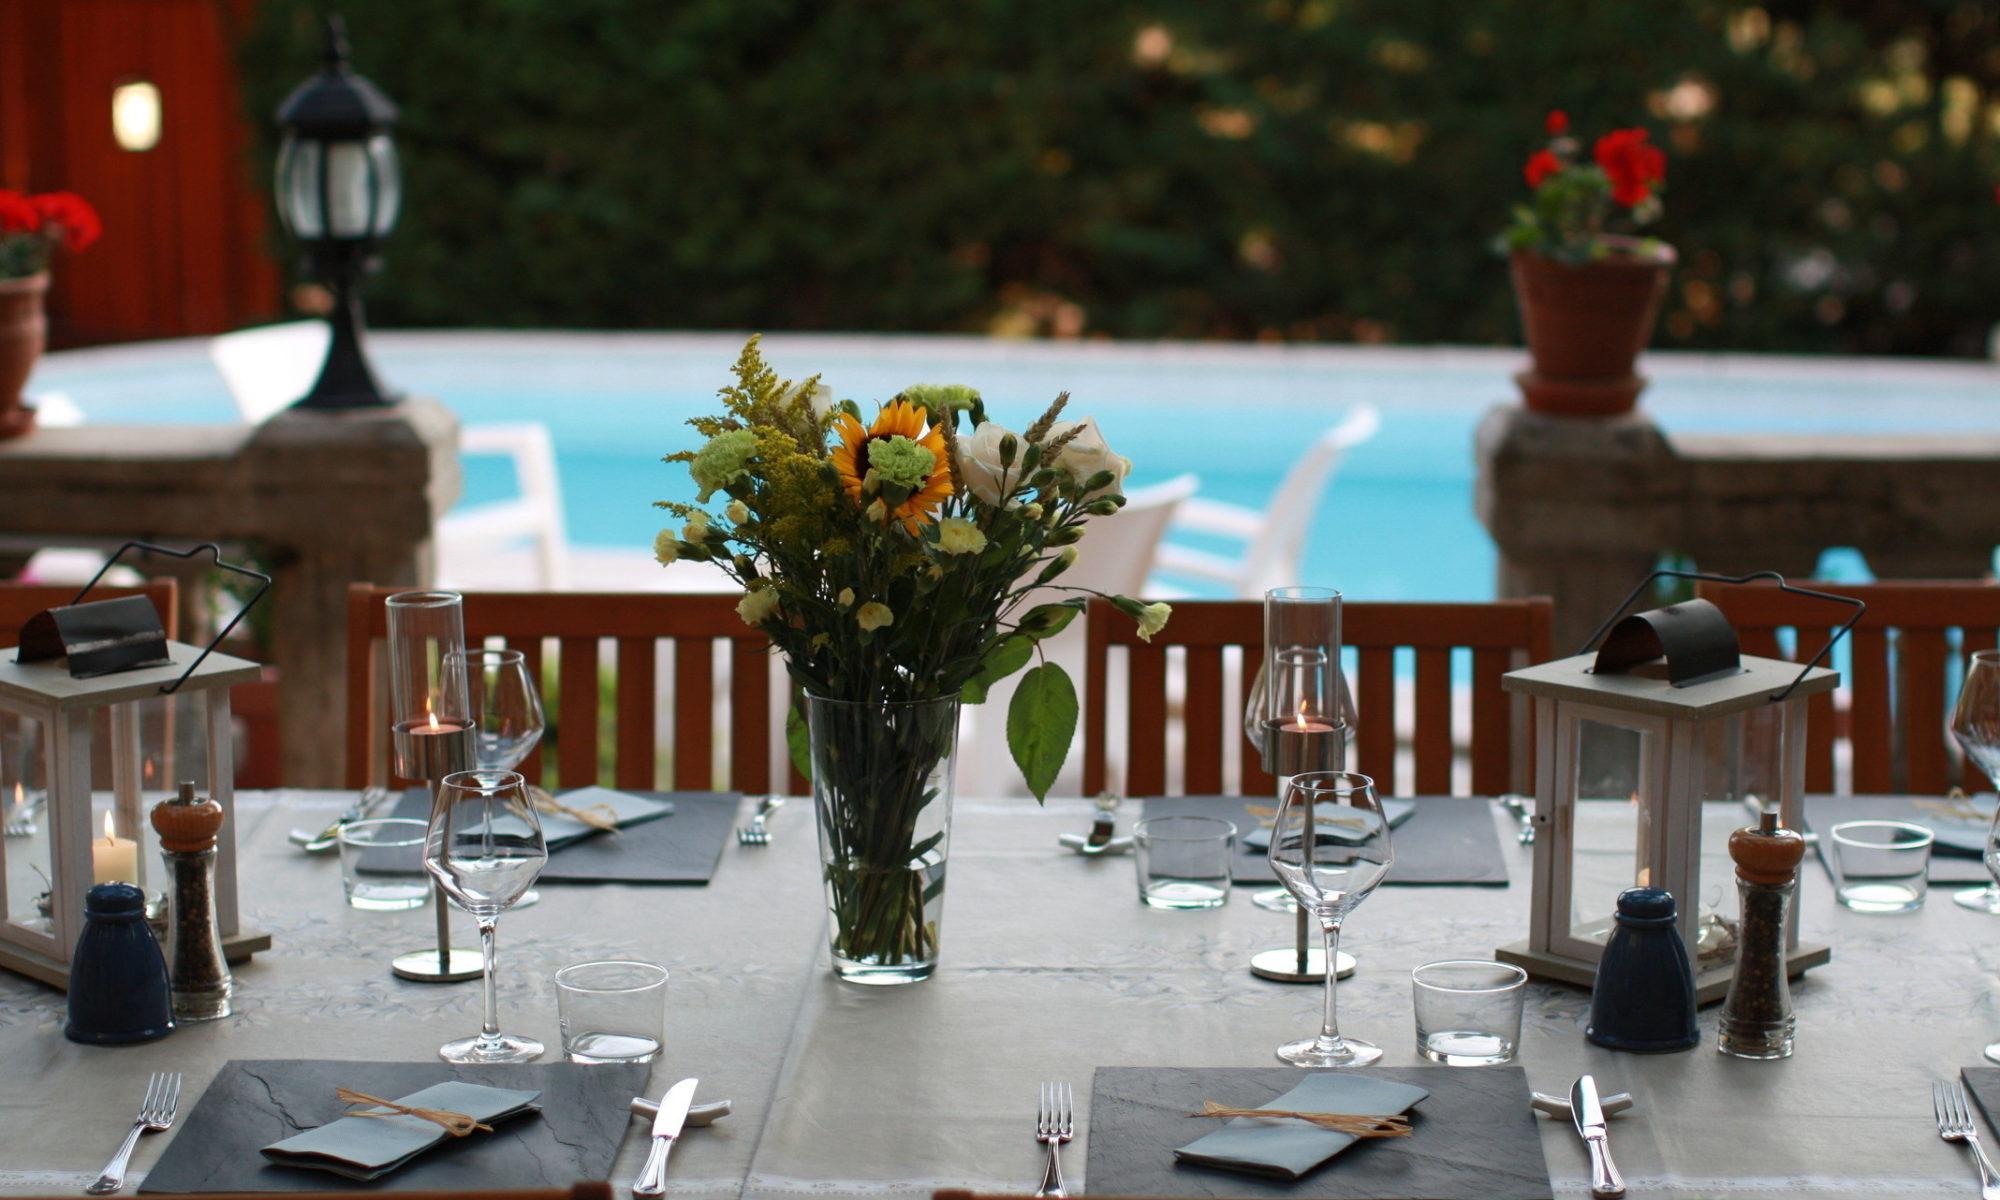 La Table d'Hôtes sur la terrasse face à la piscine. Chambres d'Hôtes La Belle Demeure, en Dordogne, au cœur du Périgord Noir, proche de Sarlat. Les lits douillets sont équipés de linge 100% coton en Seersucker. Salle d'eau attenante à chaque chambre. Suite Familiale. Table d'hôtes et Piscine. Consultez nos tarifs sur notre site internet